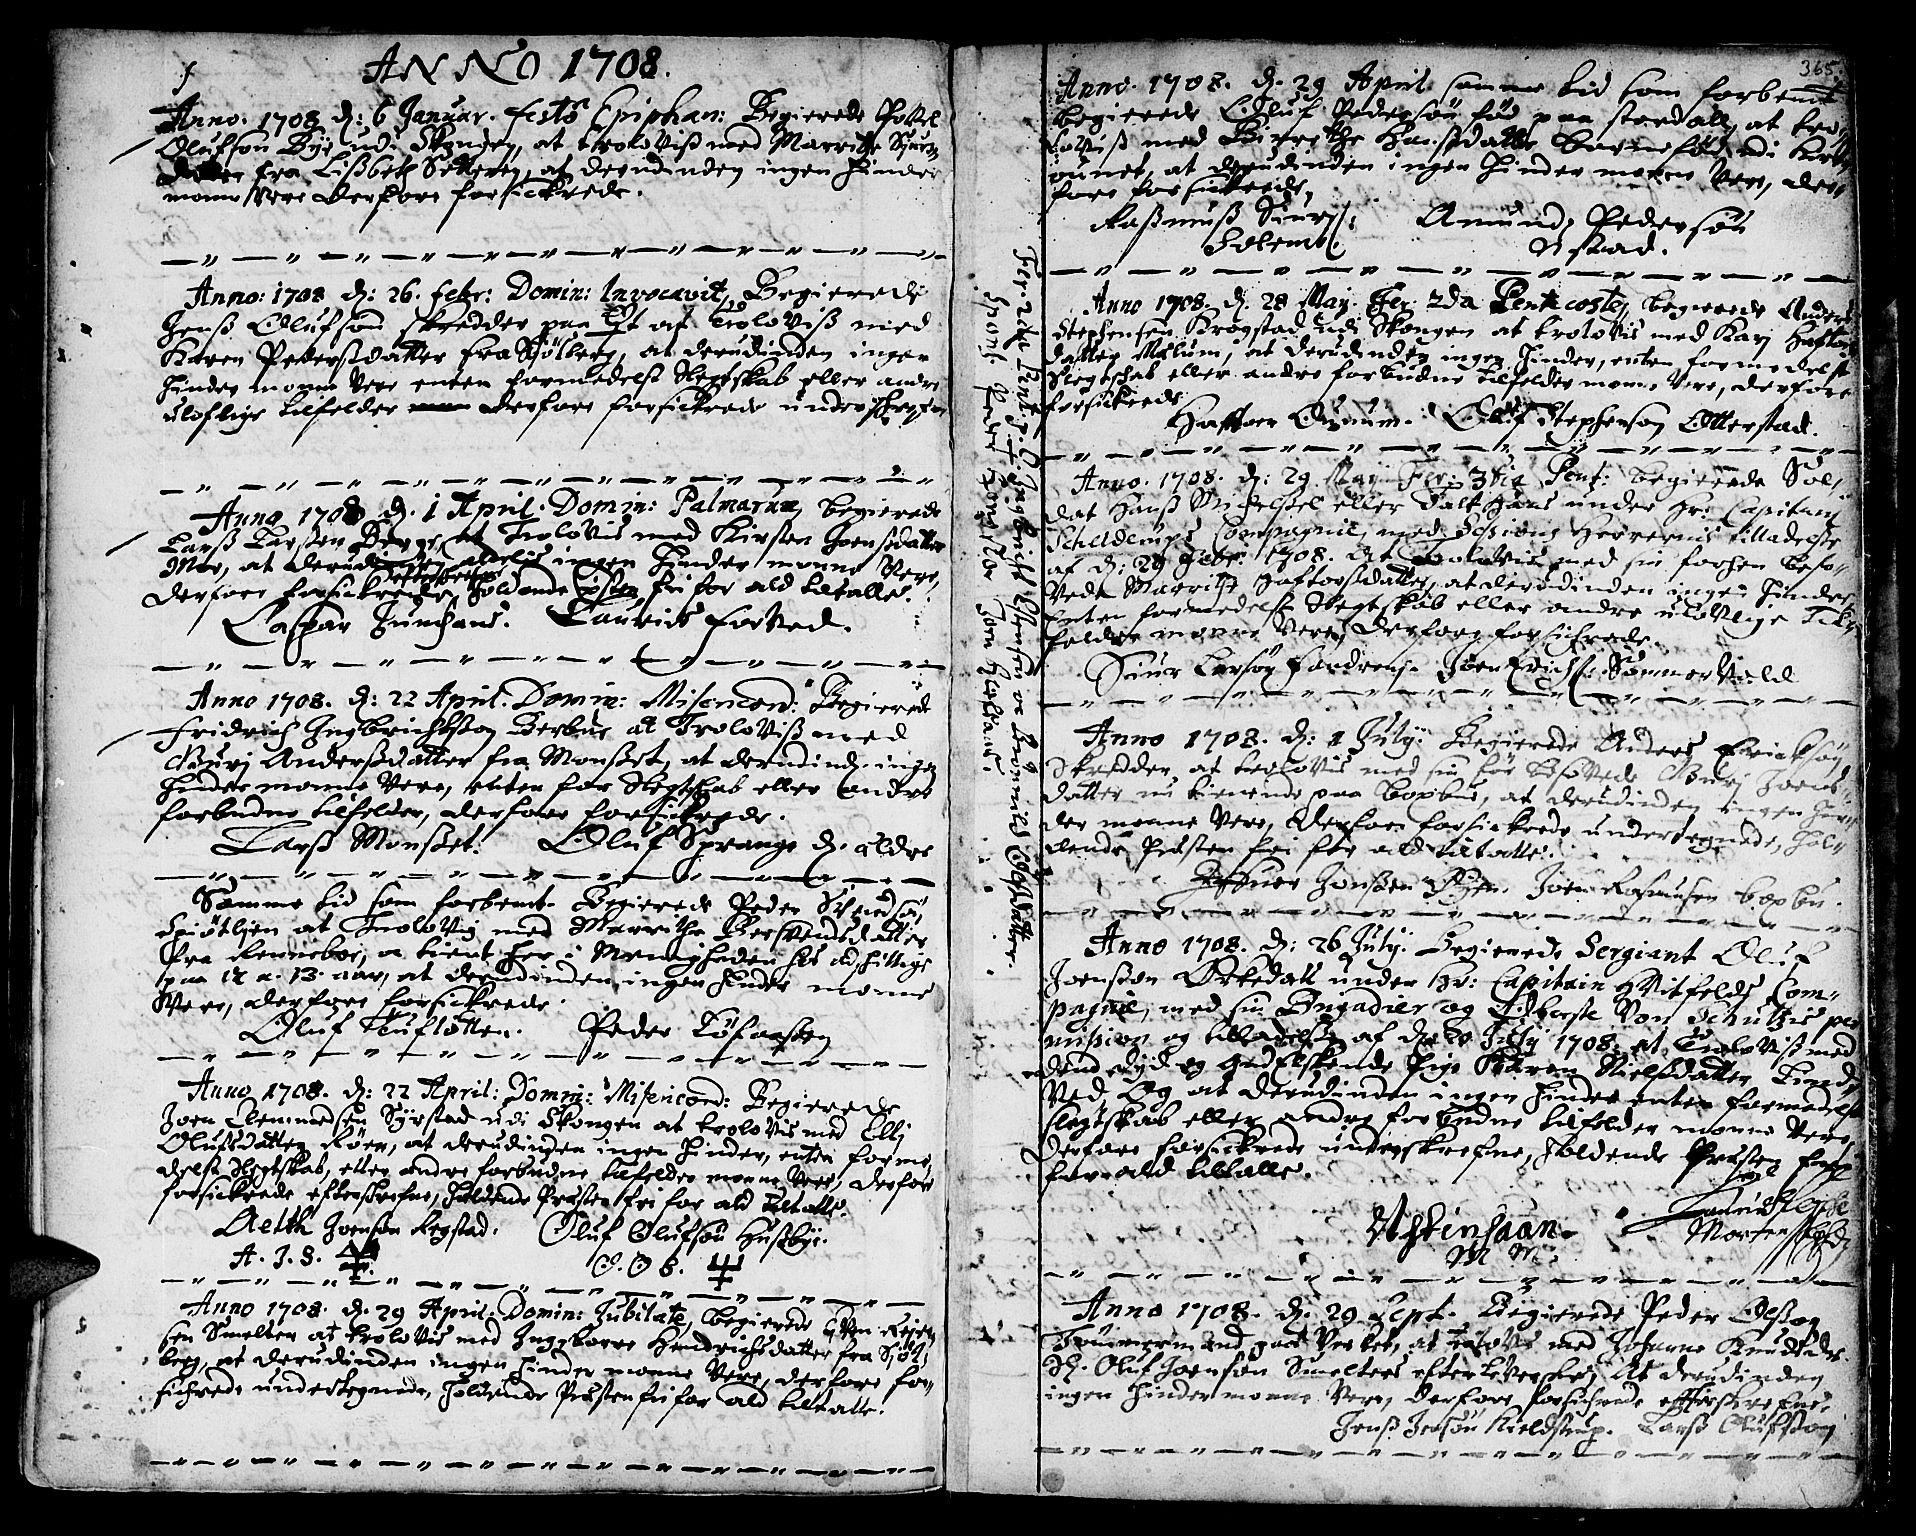 SAT, Ministerialprotokoller, klokkerbøker og fødselsregistre - Sør-Trøndelag, 668/L0801: Ministerialbok nr. 668A01, 1695-1716, s. 364-365